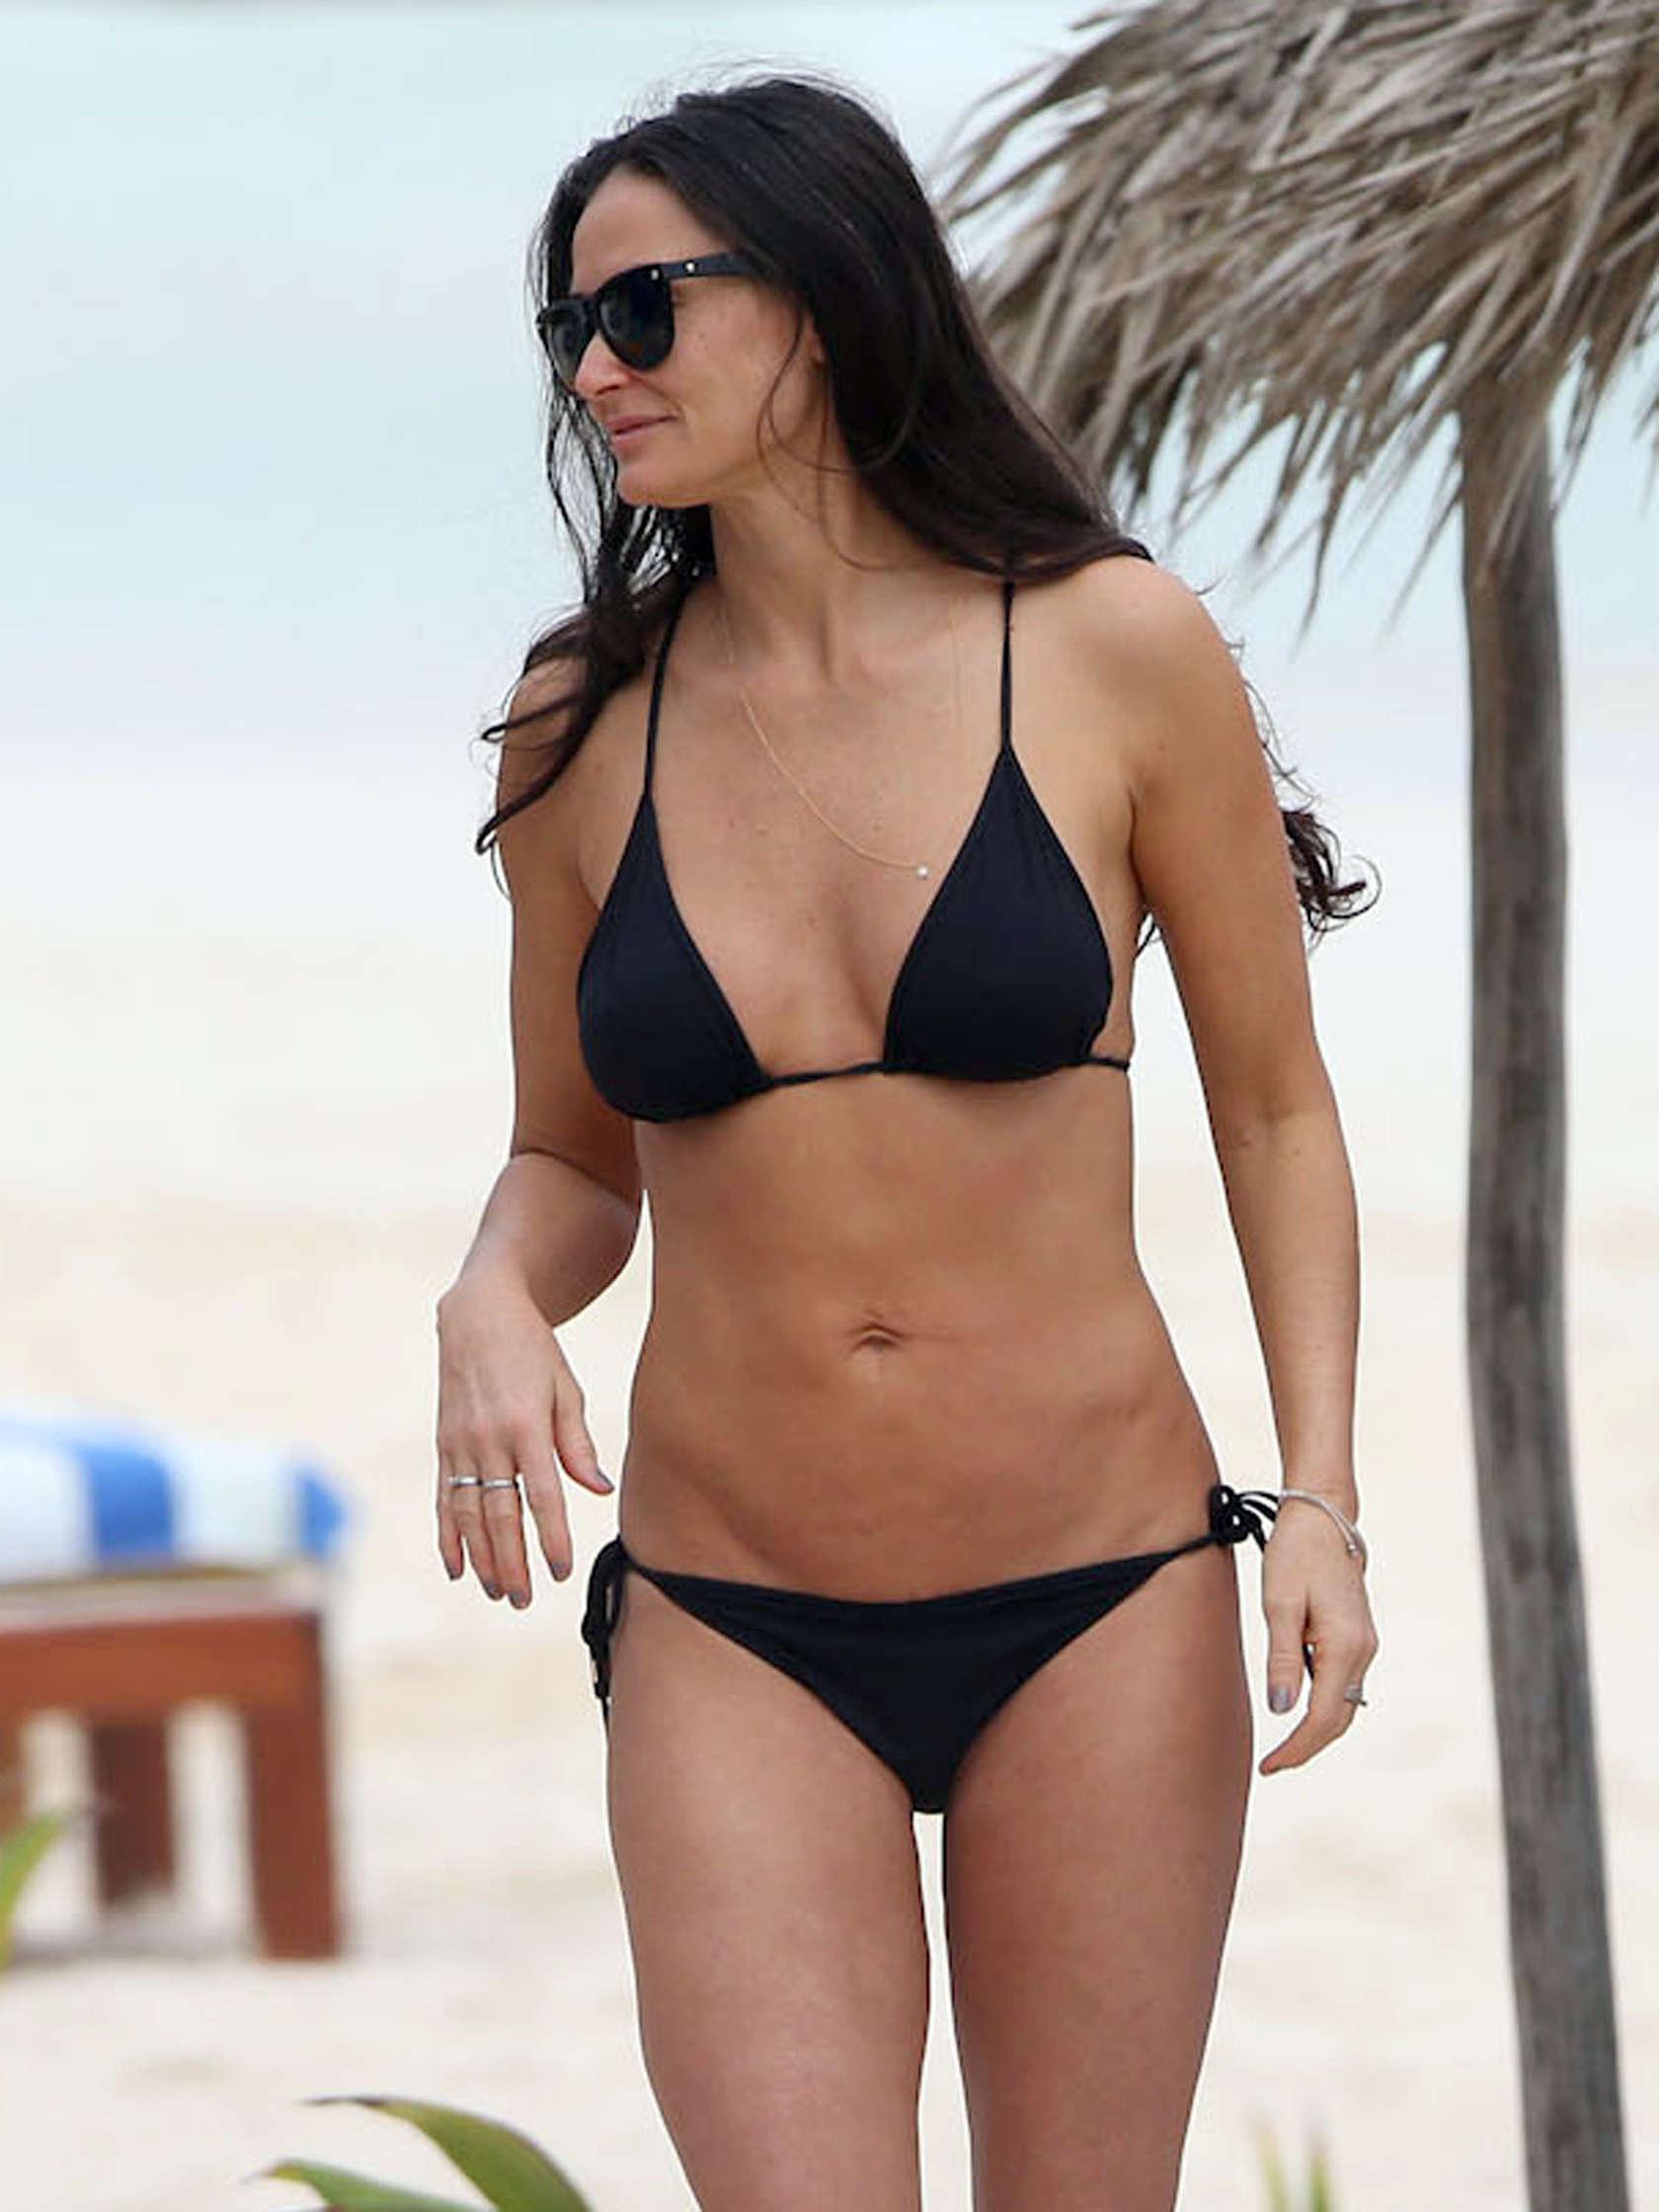 Demi-Moore-bikini-pics-2013-Mexico-05